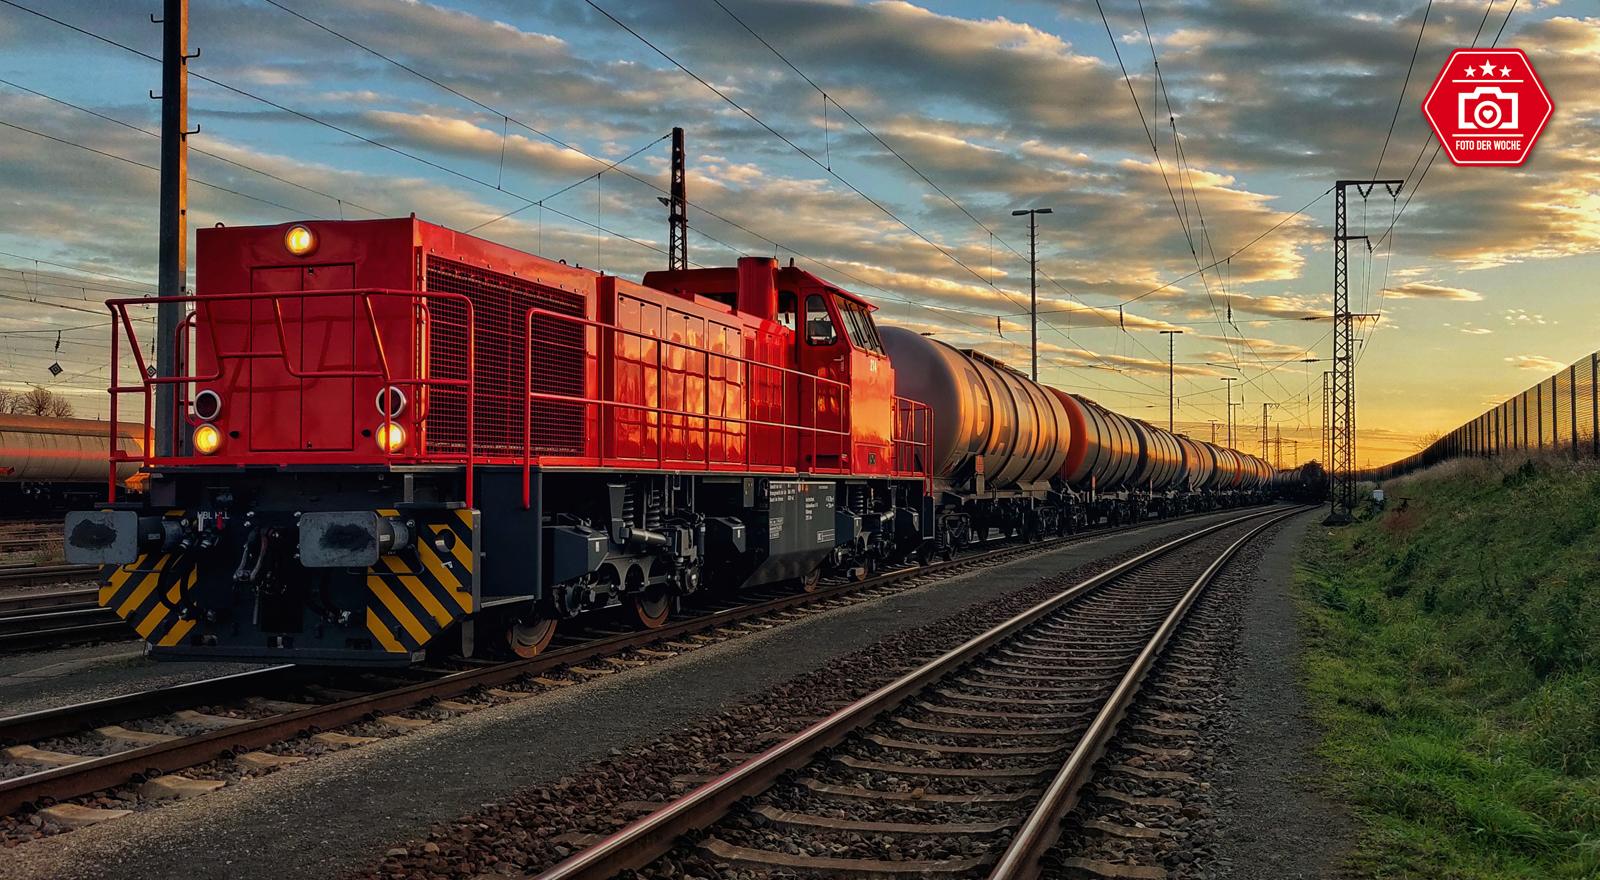 ©Foto: Christian Wörpel   railmen   In Großkorbetha beim Zugdienst / Übergabeverkehr für die Leunawerke. Die Züge kommen in Großkorbetha mit dem EVU an, wo die Zuglok, in diesem Fall die 214 übernimmt und die Züge ins Werk nach Leuna bringt.